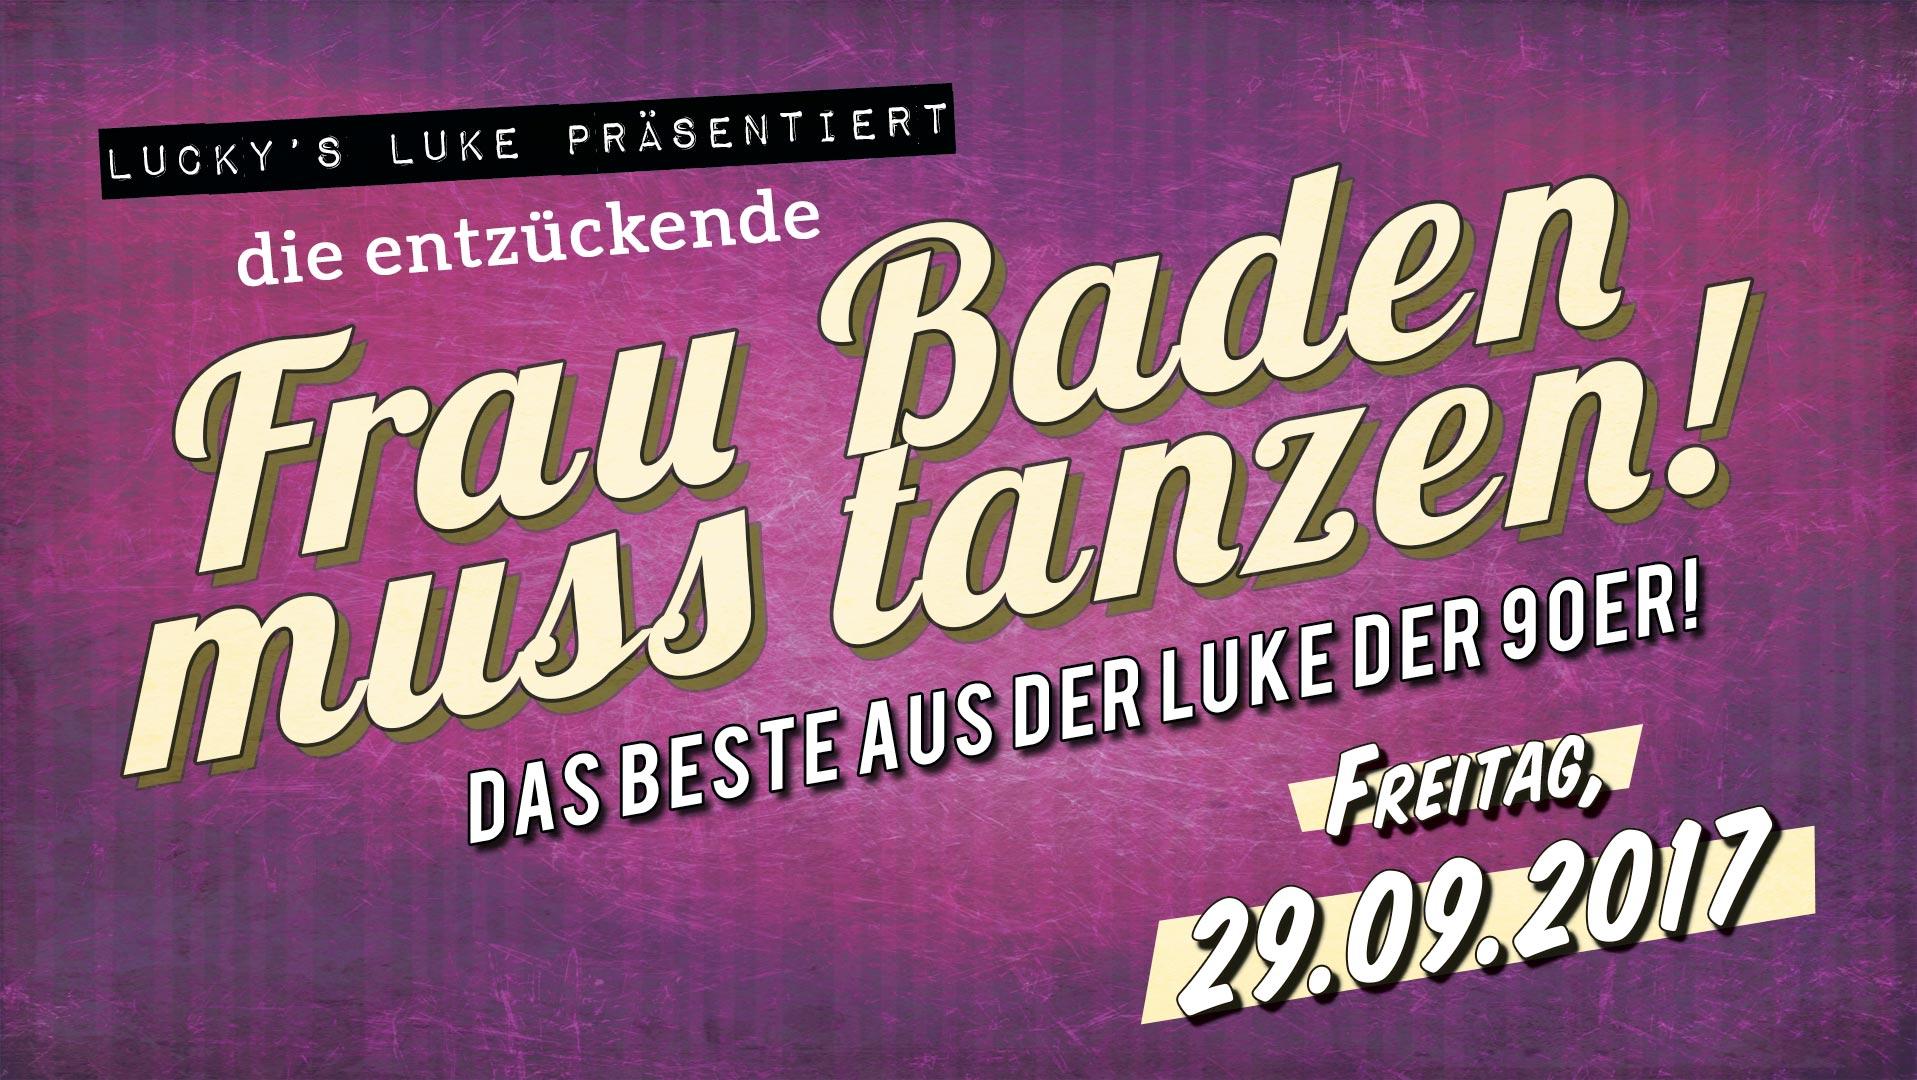 2017-09- Frau Baden muss tanzen!